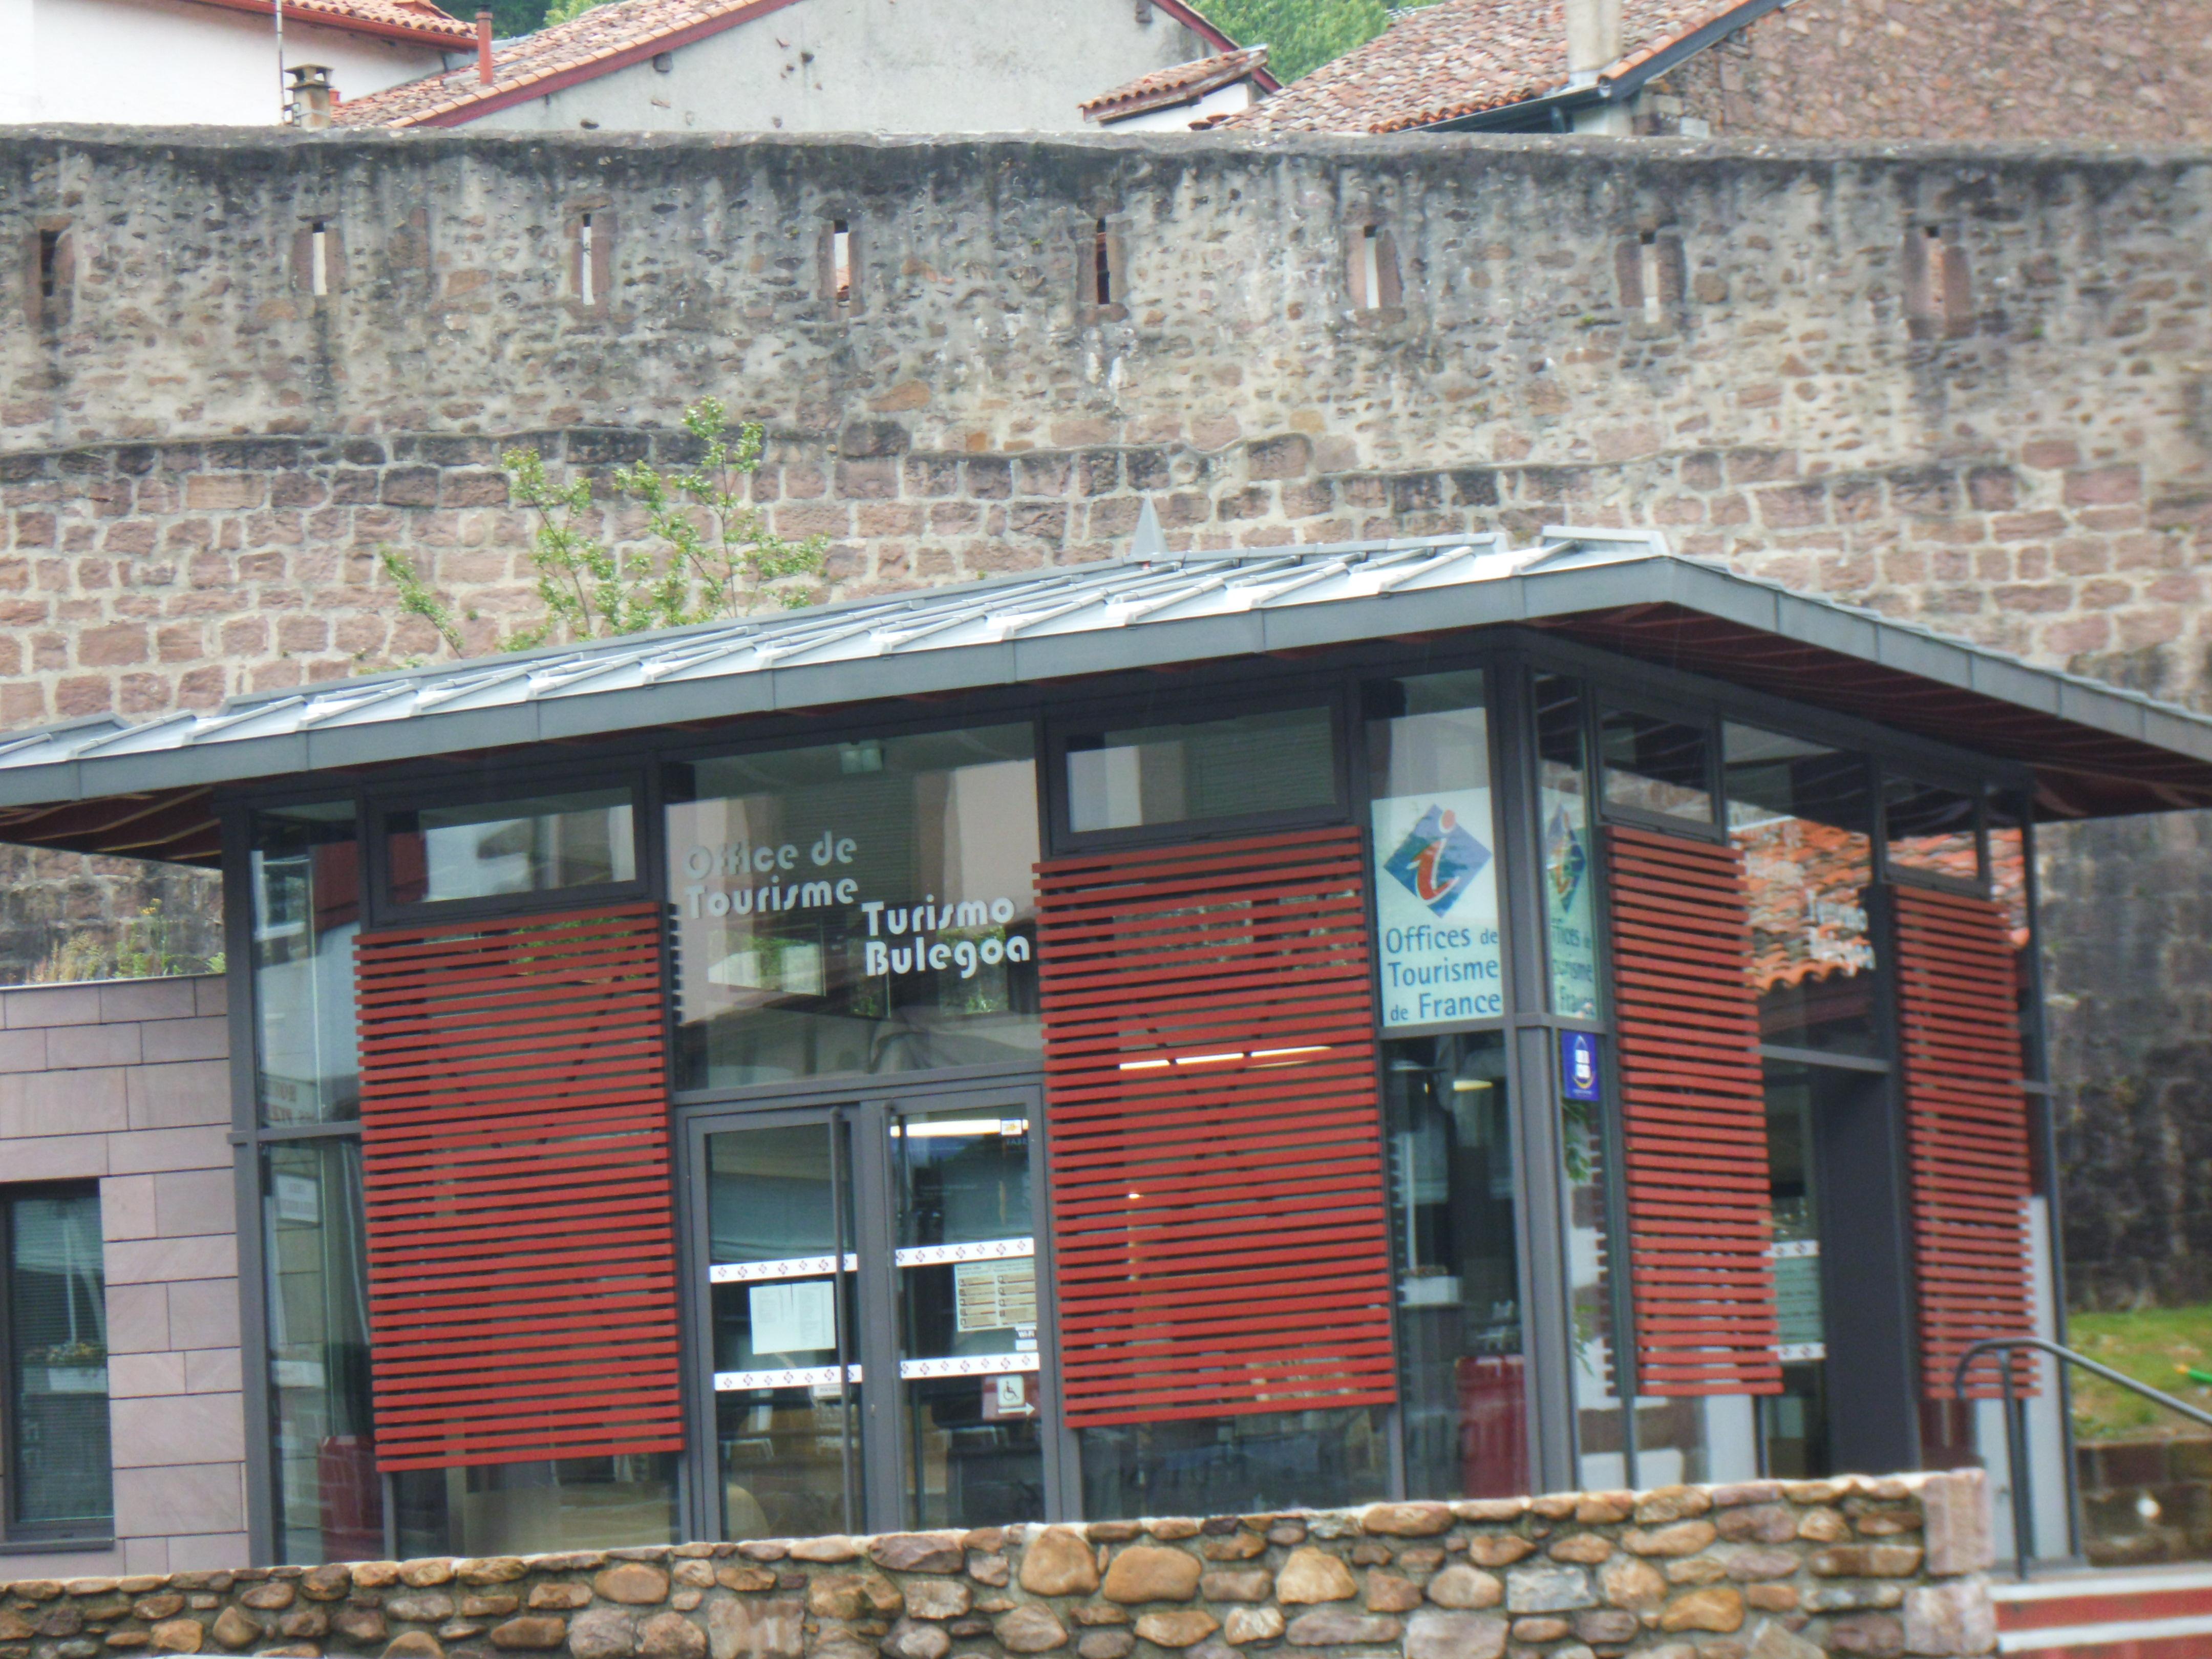 La balade du p lerin saint jean pied de port - Office de tourisme st jean pied de port ...